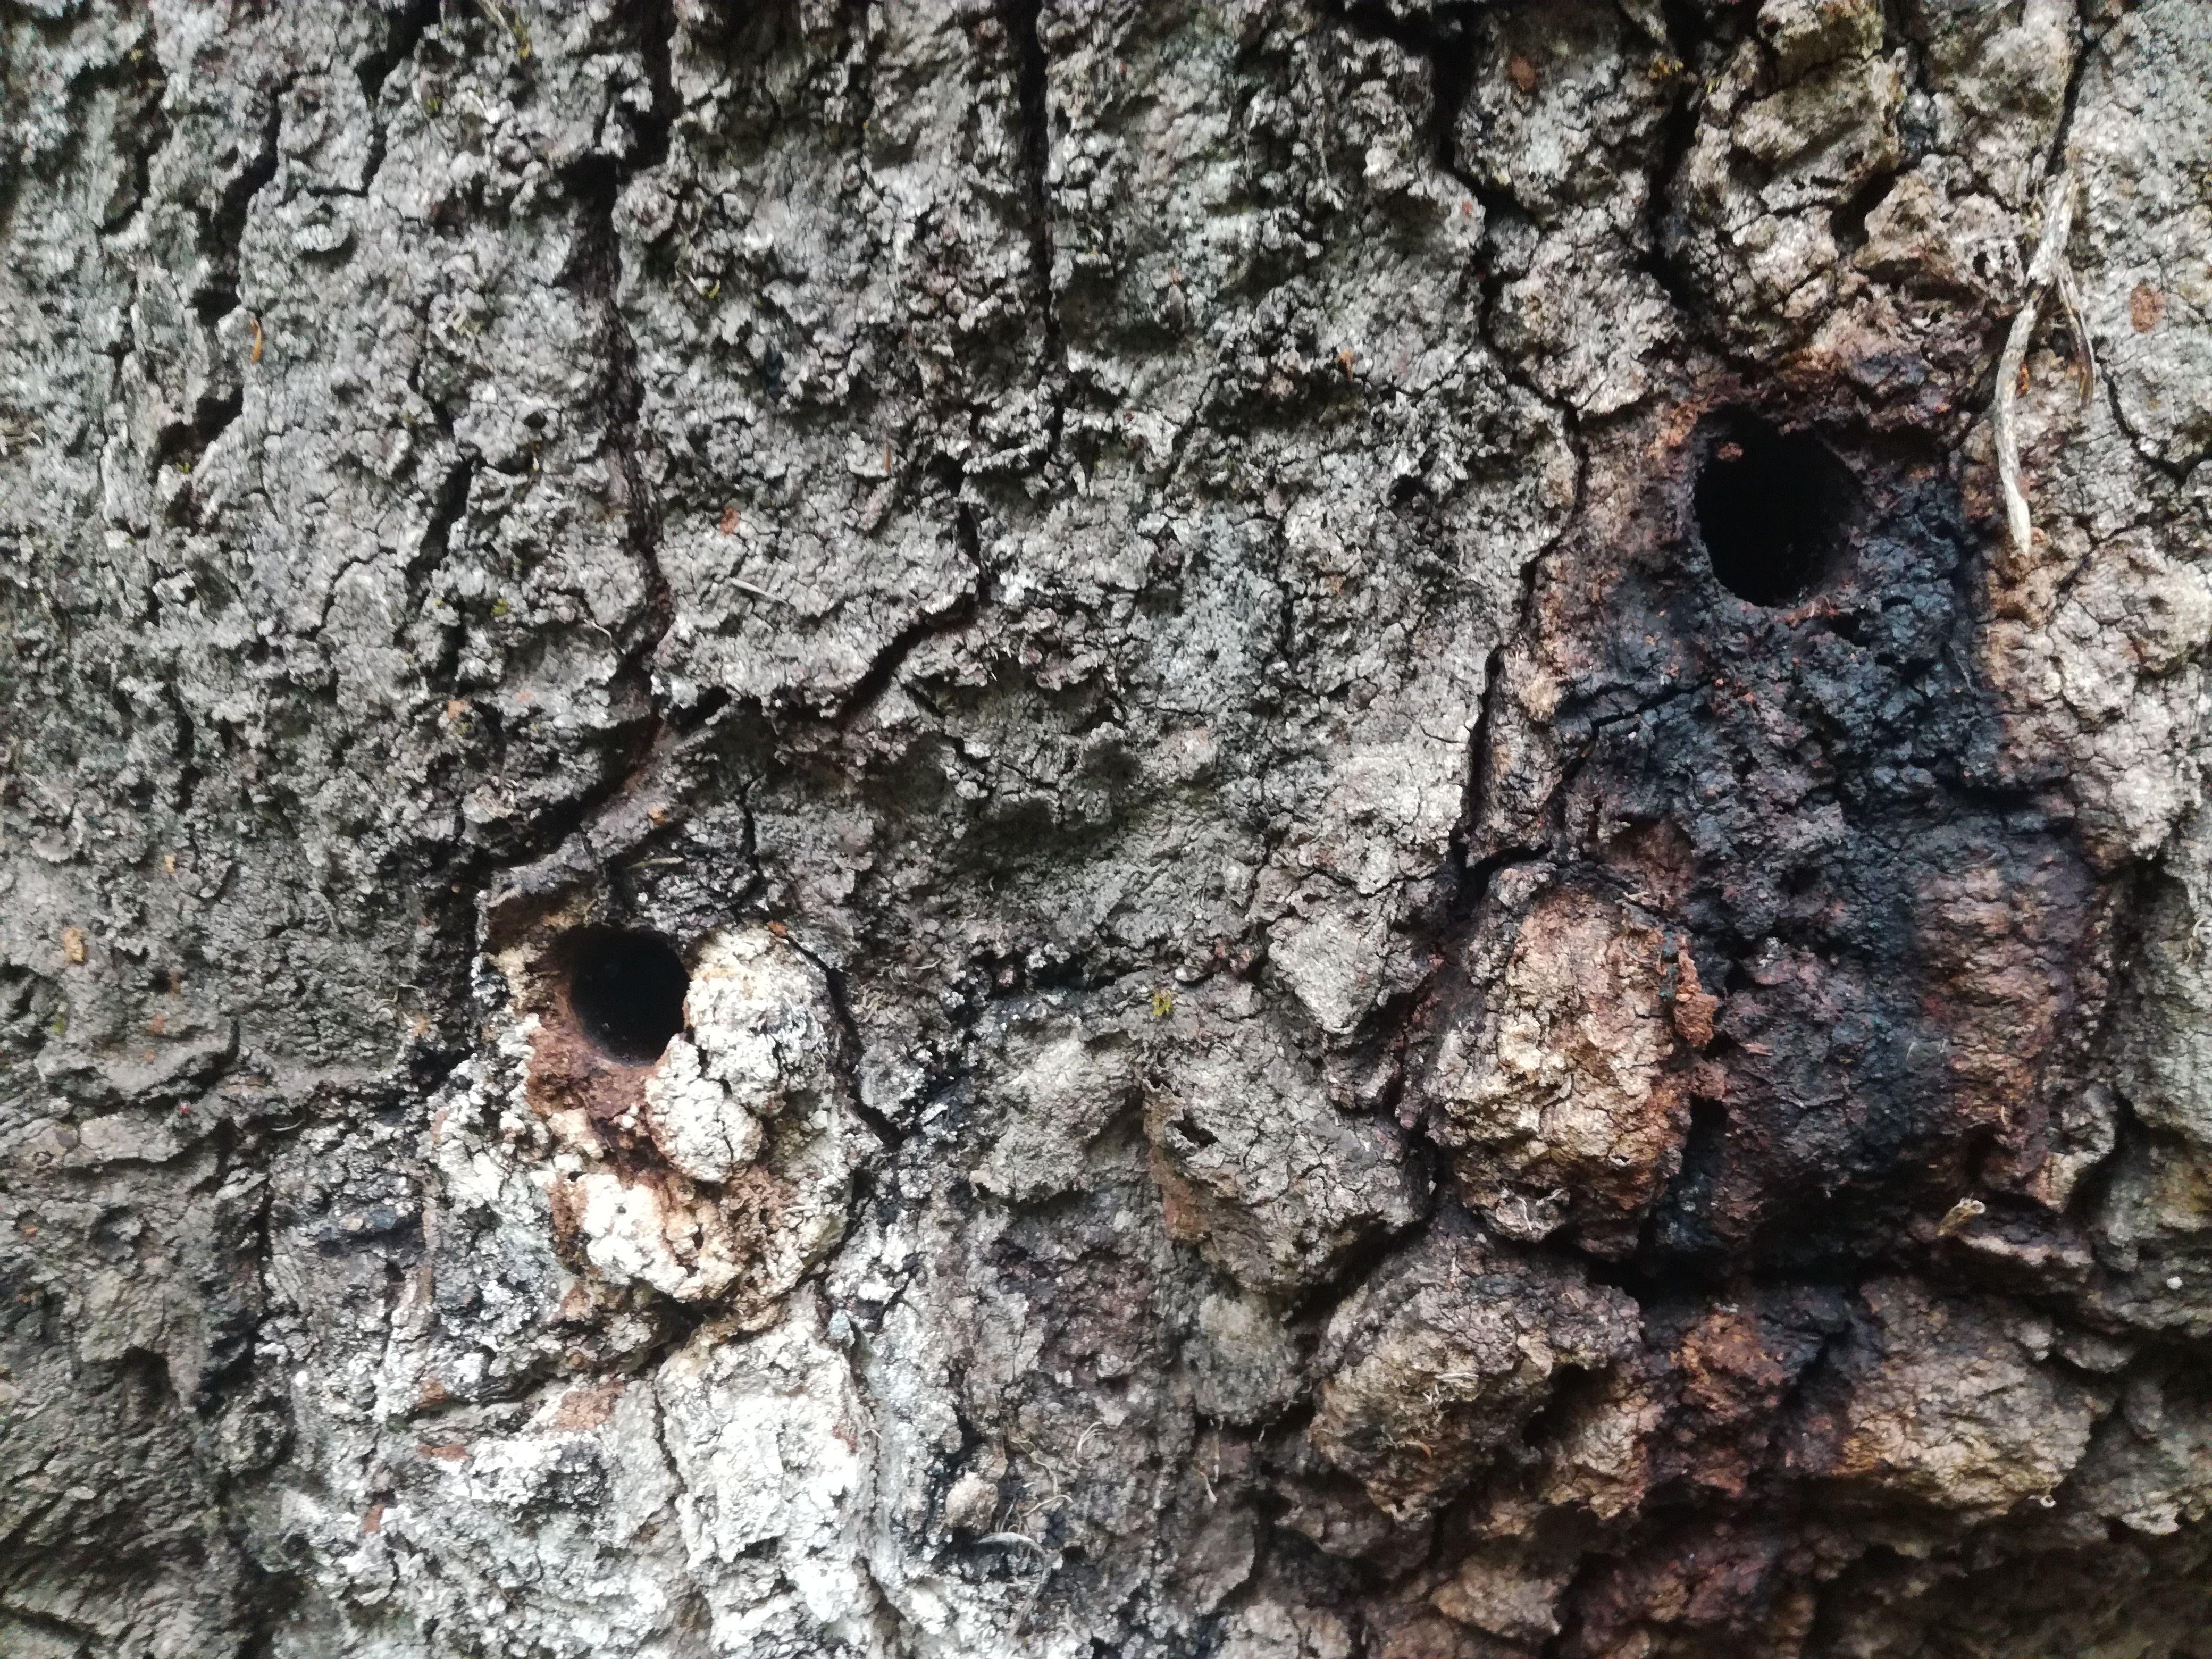 U izbušene rupe netko u stabla ulijeva tekućinu zbog koje se stabla suše / Snimio Mladen TRINAJSTIĆ